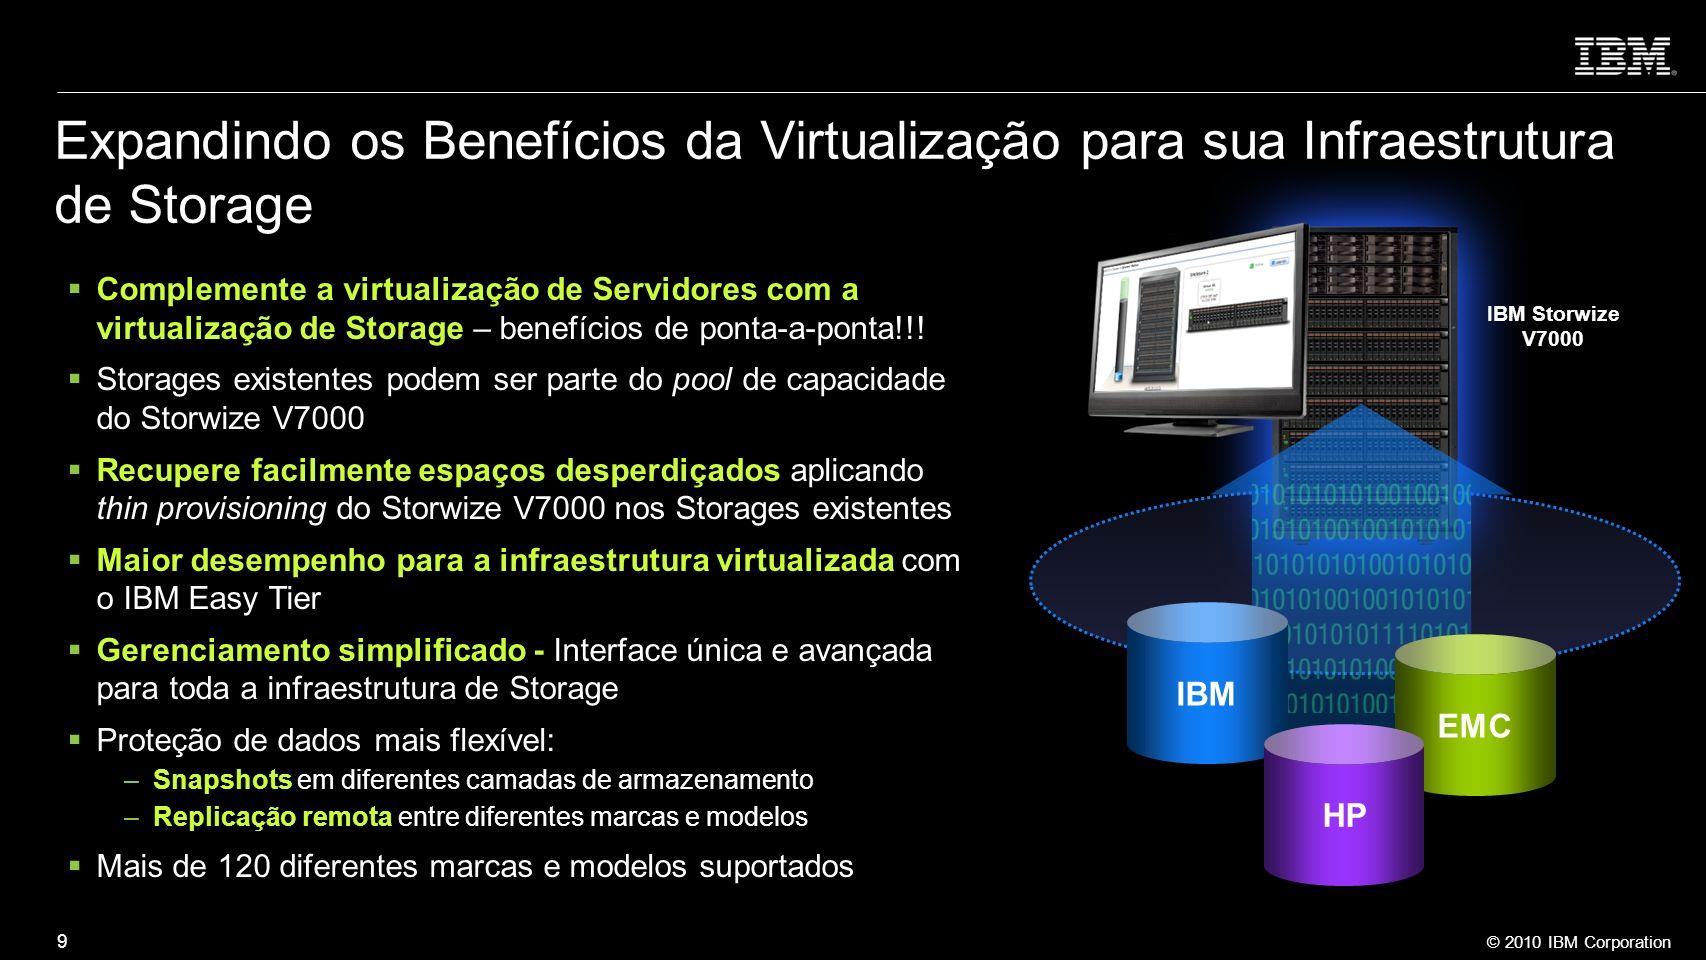 Expandindo os Benefícios da Virtualização para sua Infraestrutura de Storage